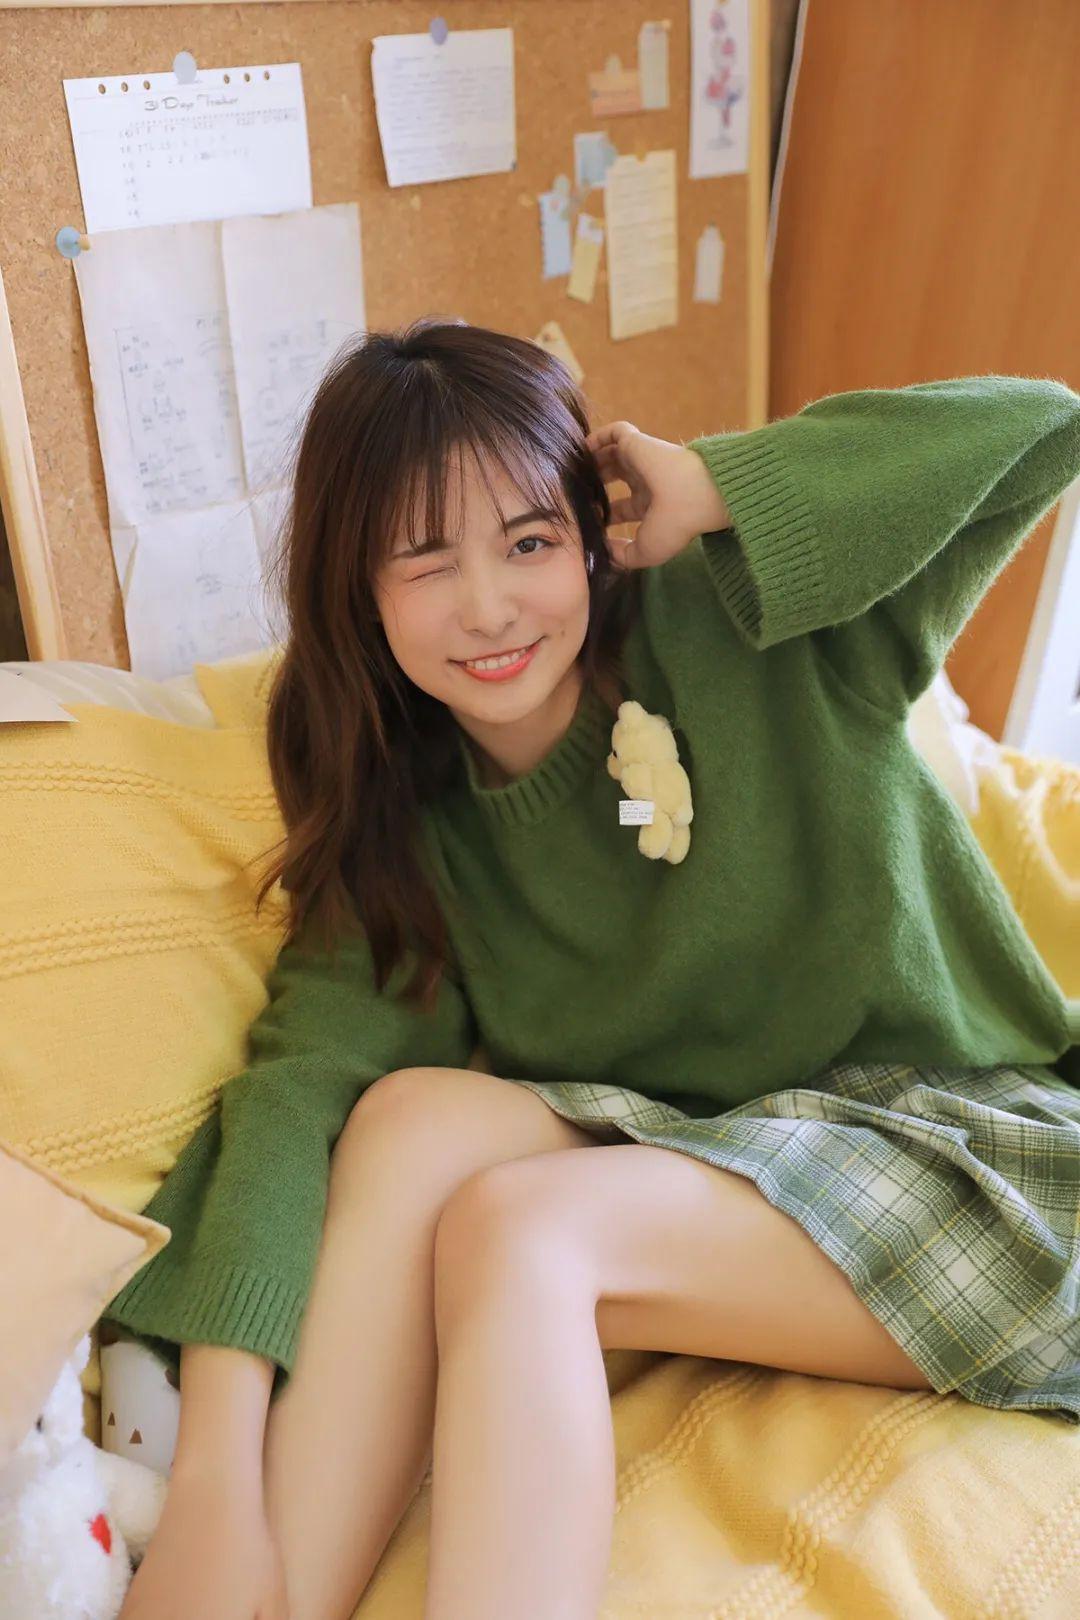 妹子摄影 – 甜美迷人短裙毛衣 美腿少女_图片 No.4